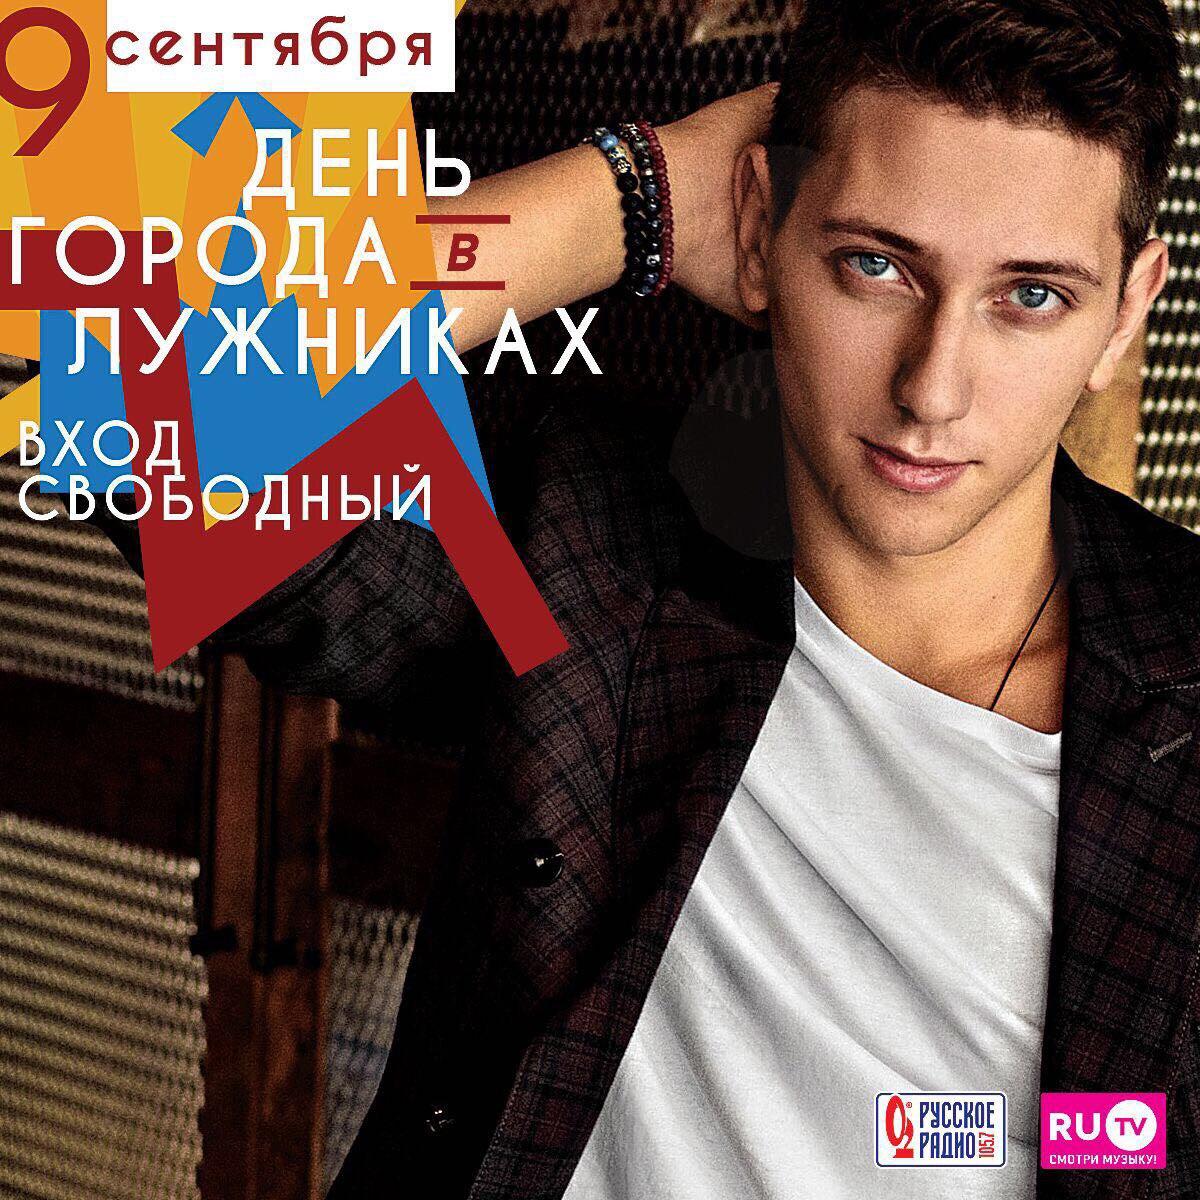 Встречаем День Города вместе с «Русским Радио» и RU.TV!